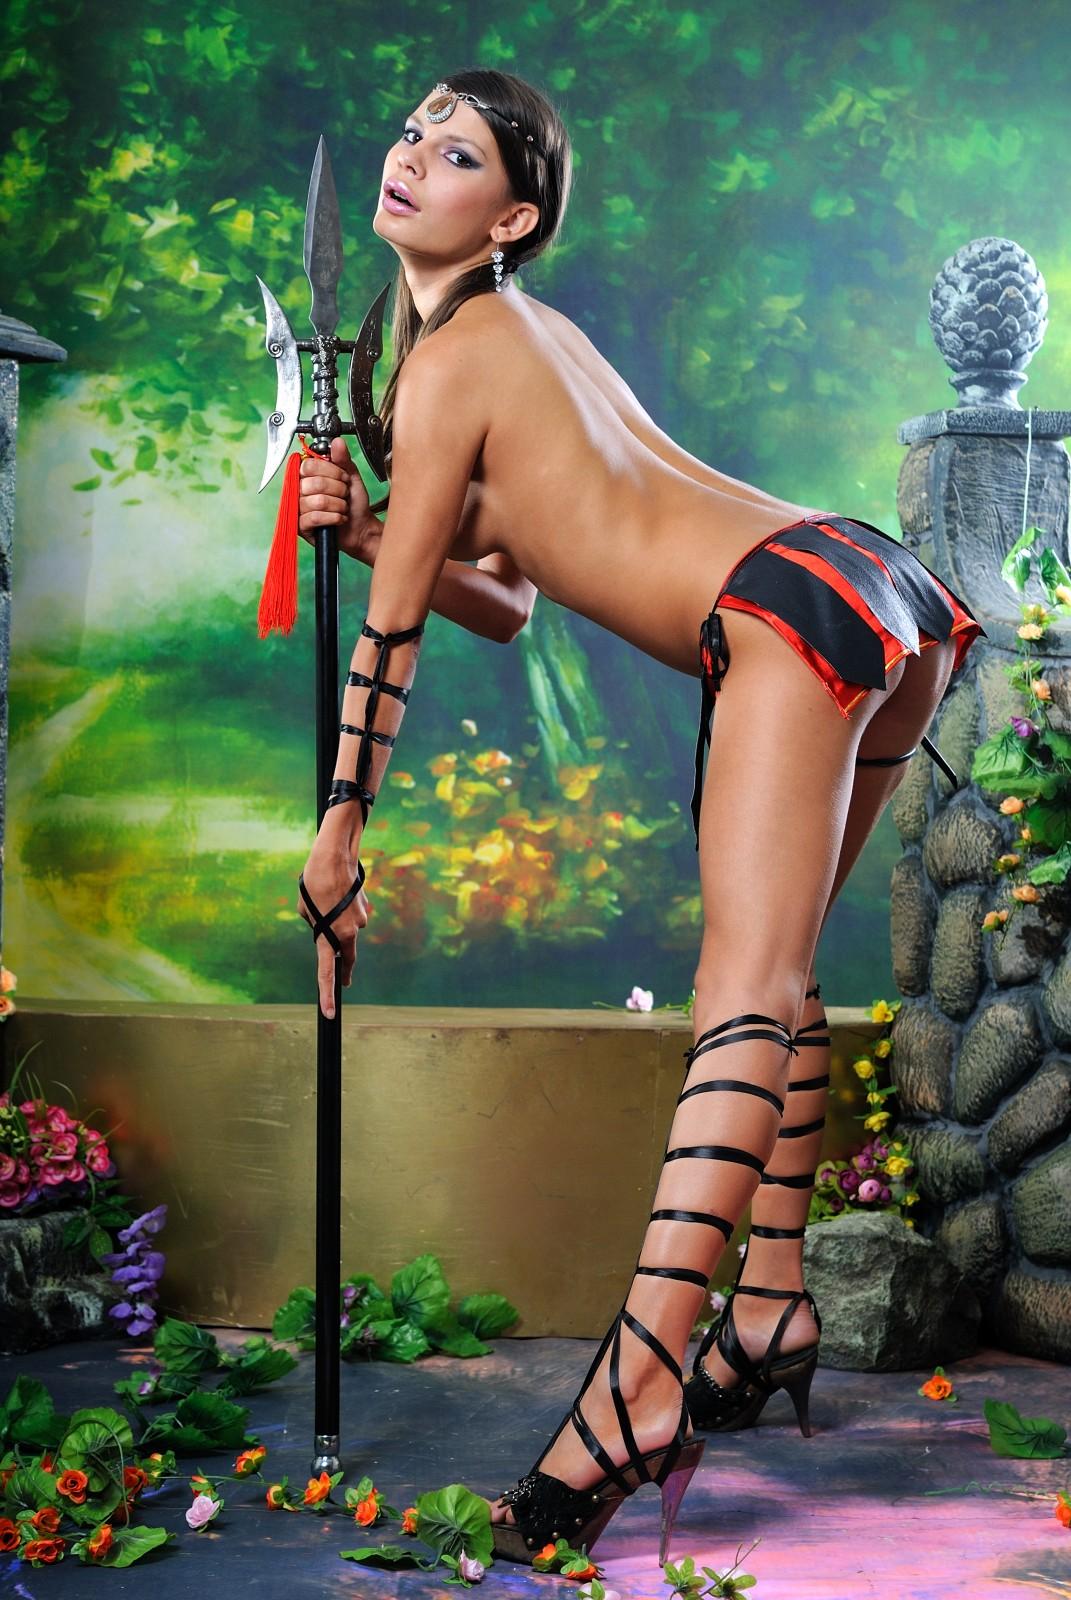 hazell keeley hot nuda